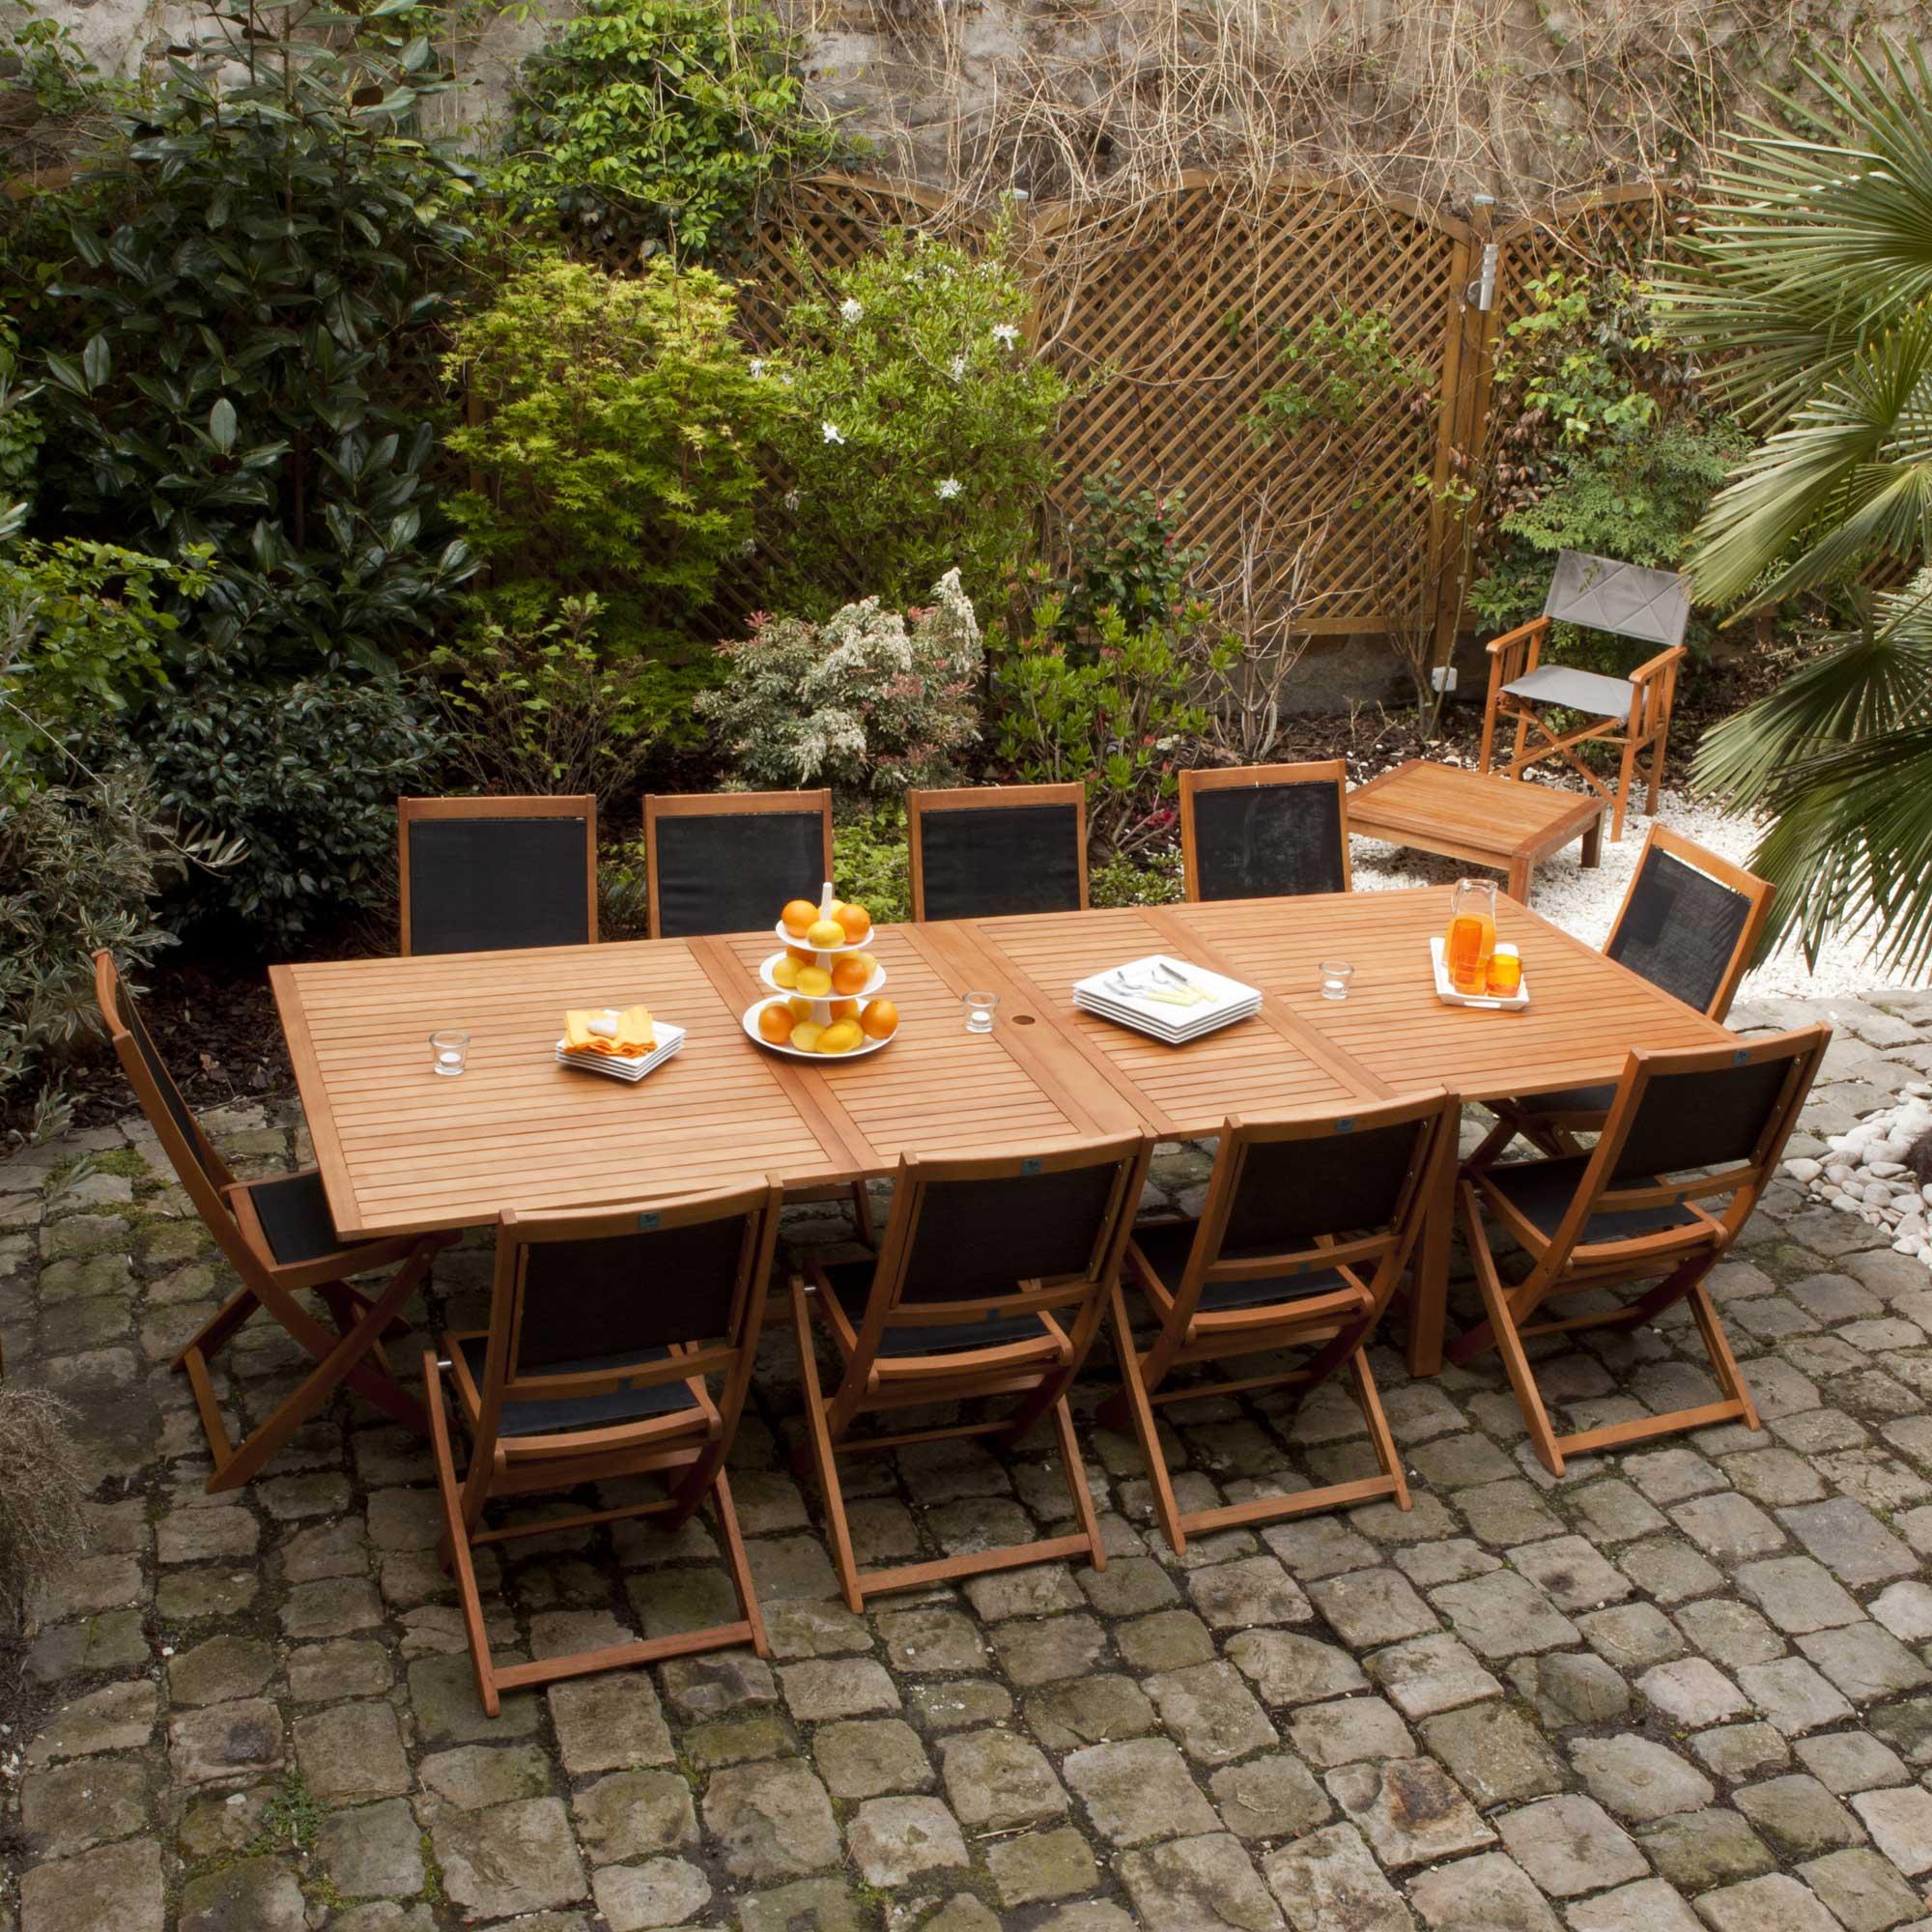 Salon De Jardin Table Et Chaises Leclerc - Mailleraye.fr avec Salon De Jardin Leclerc